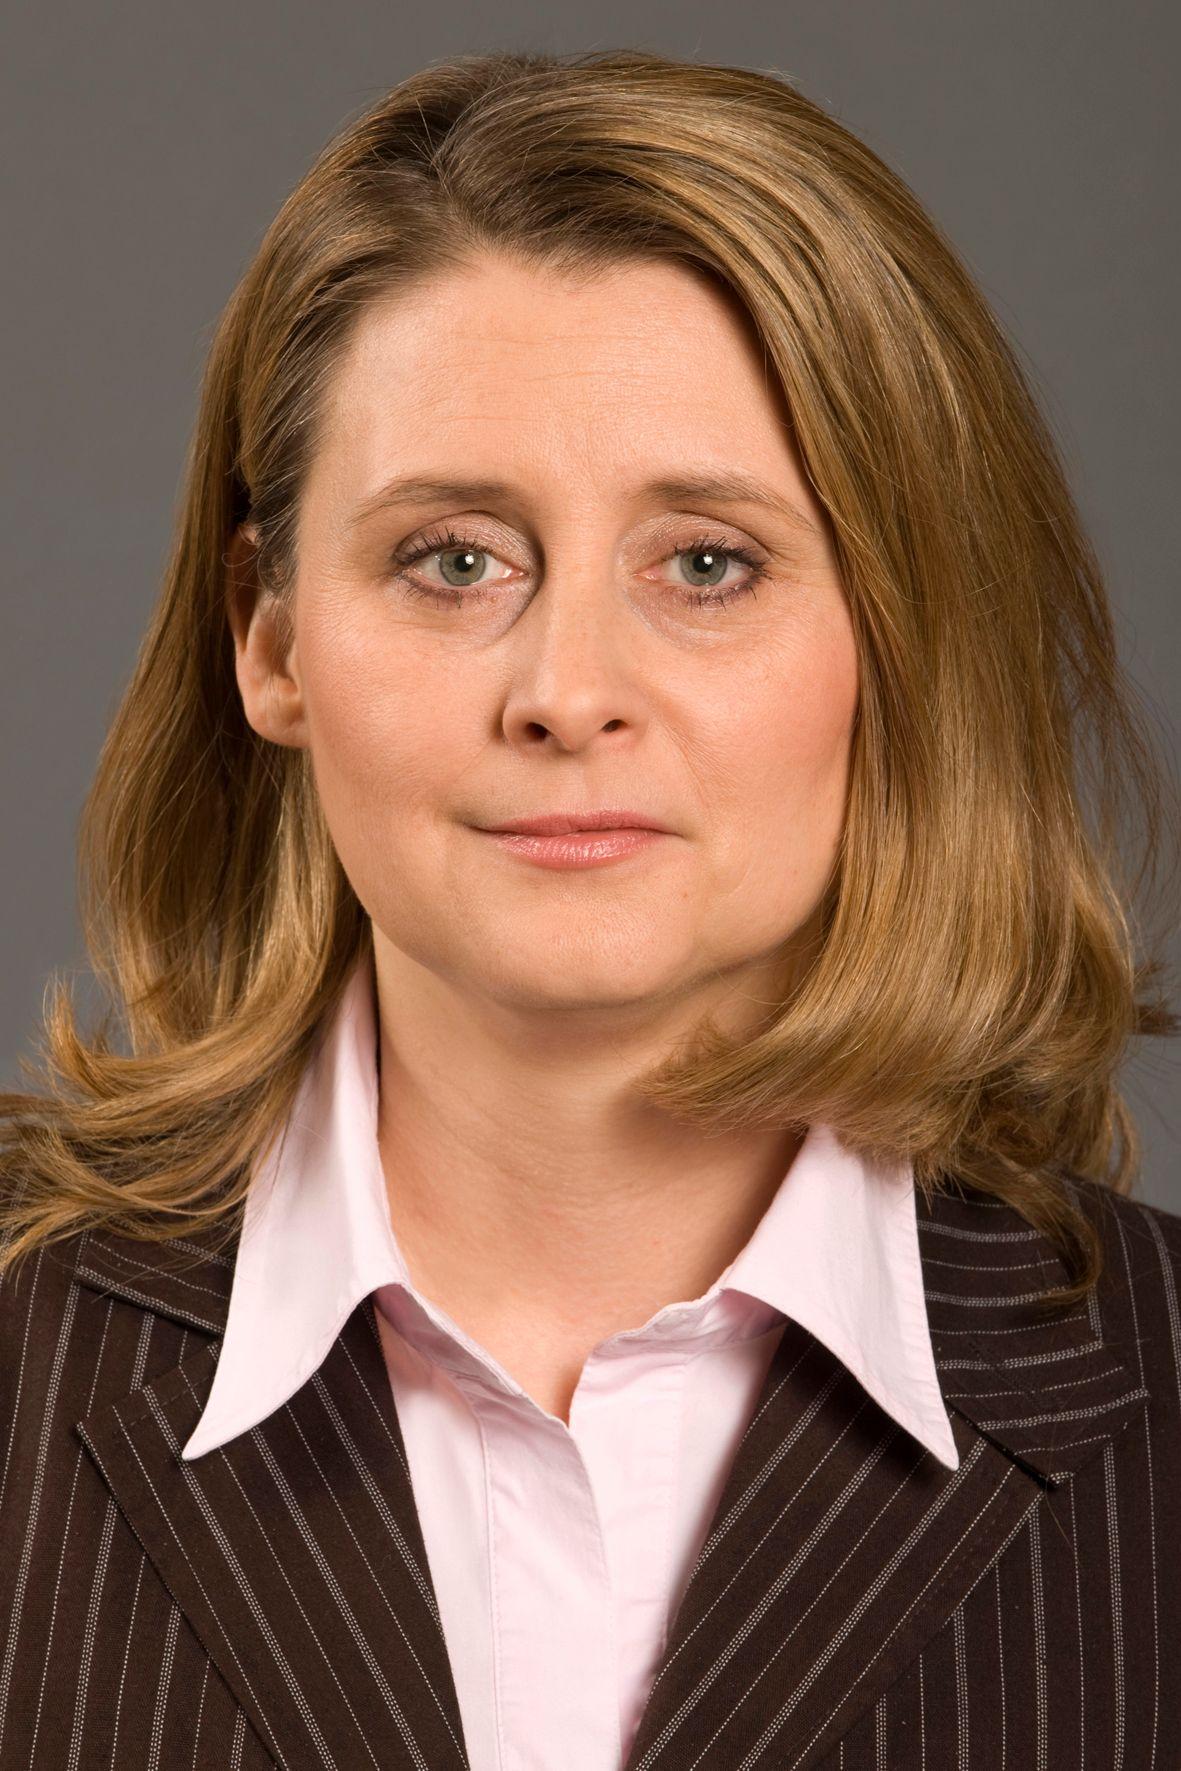 Marion Weitemeier